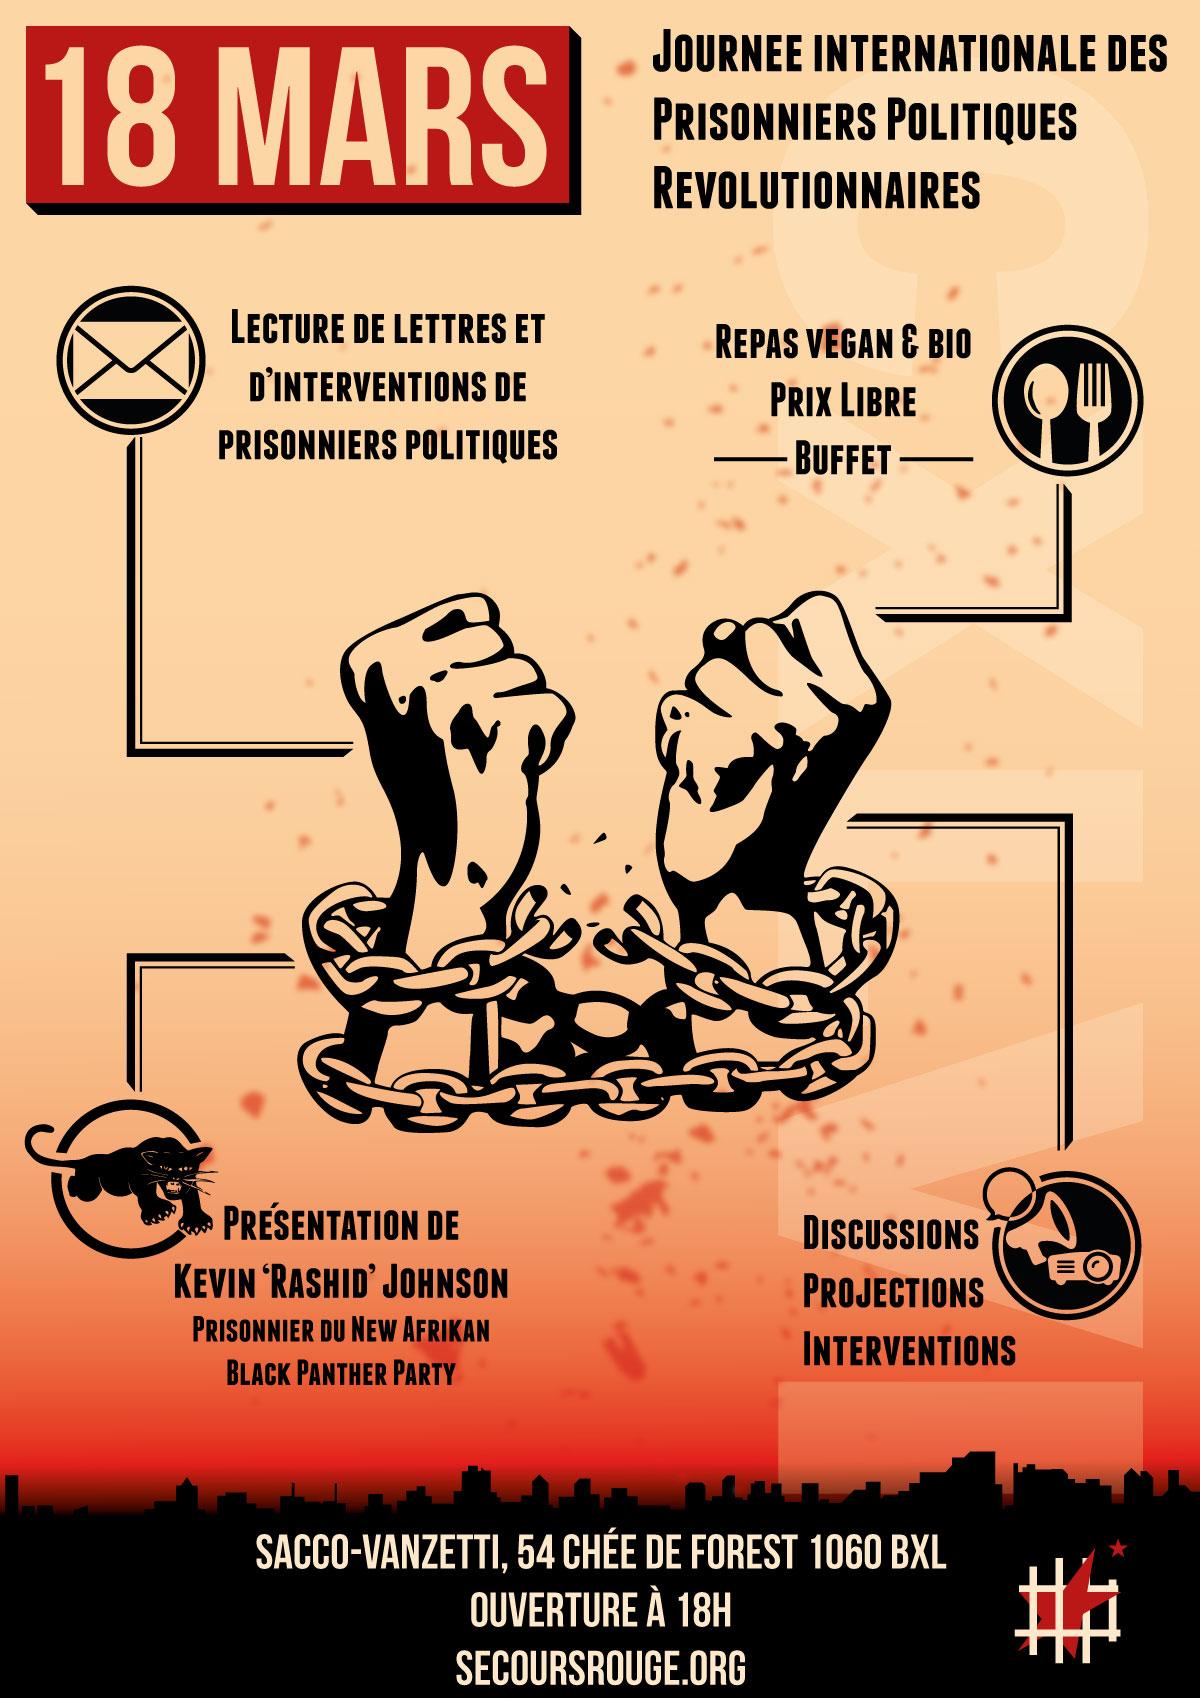 Bruxelles : Soirée de soutien aux prisonniers politiques révolutionnaires ce 18 mars